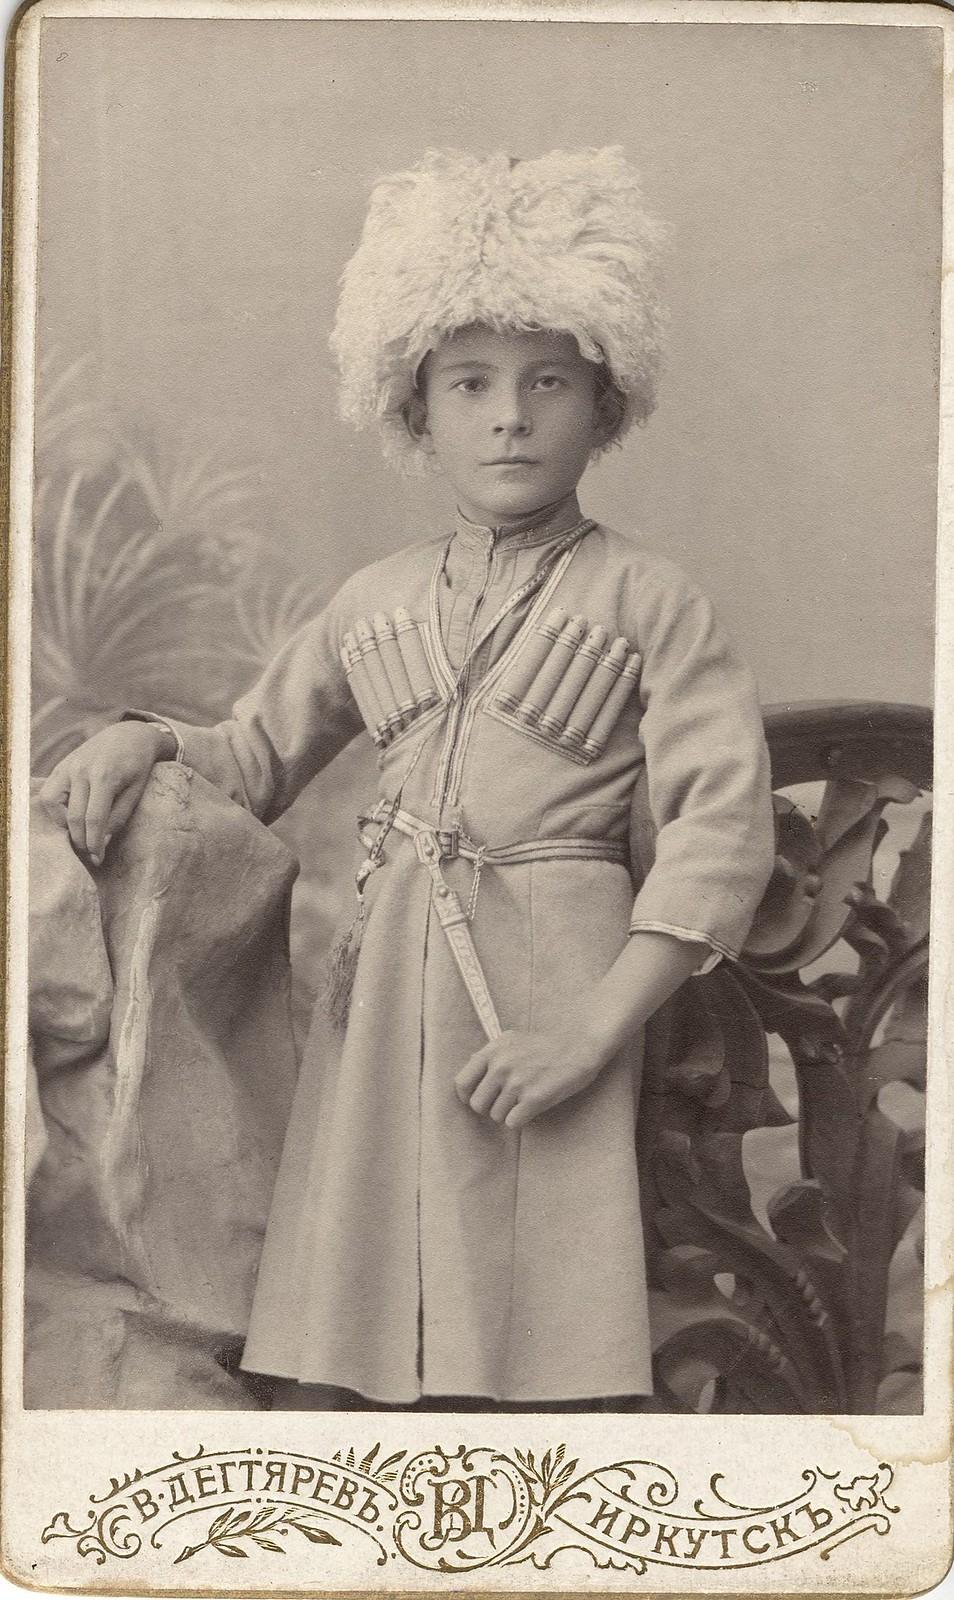 1880. Портрет мальчика Леонида в кавказском национальном костюме.